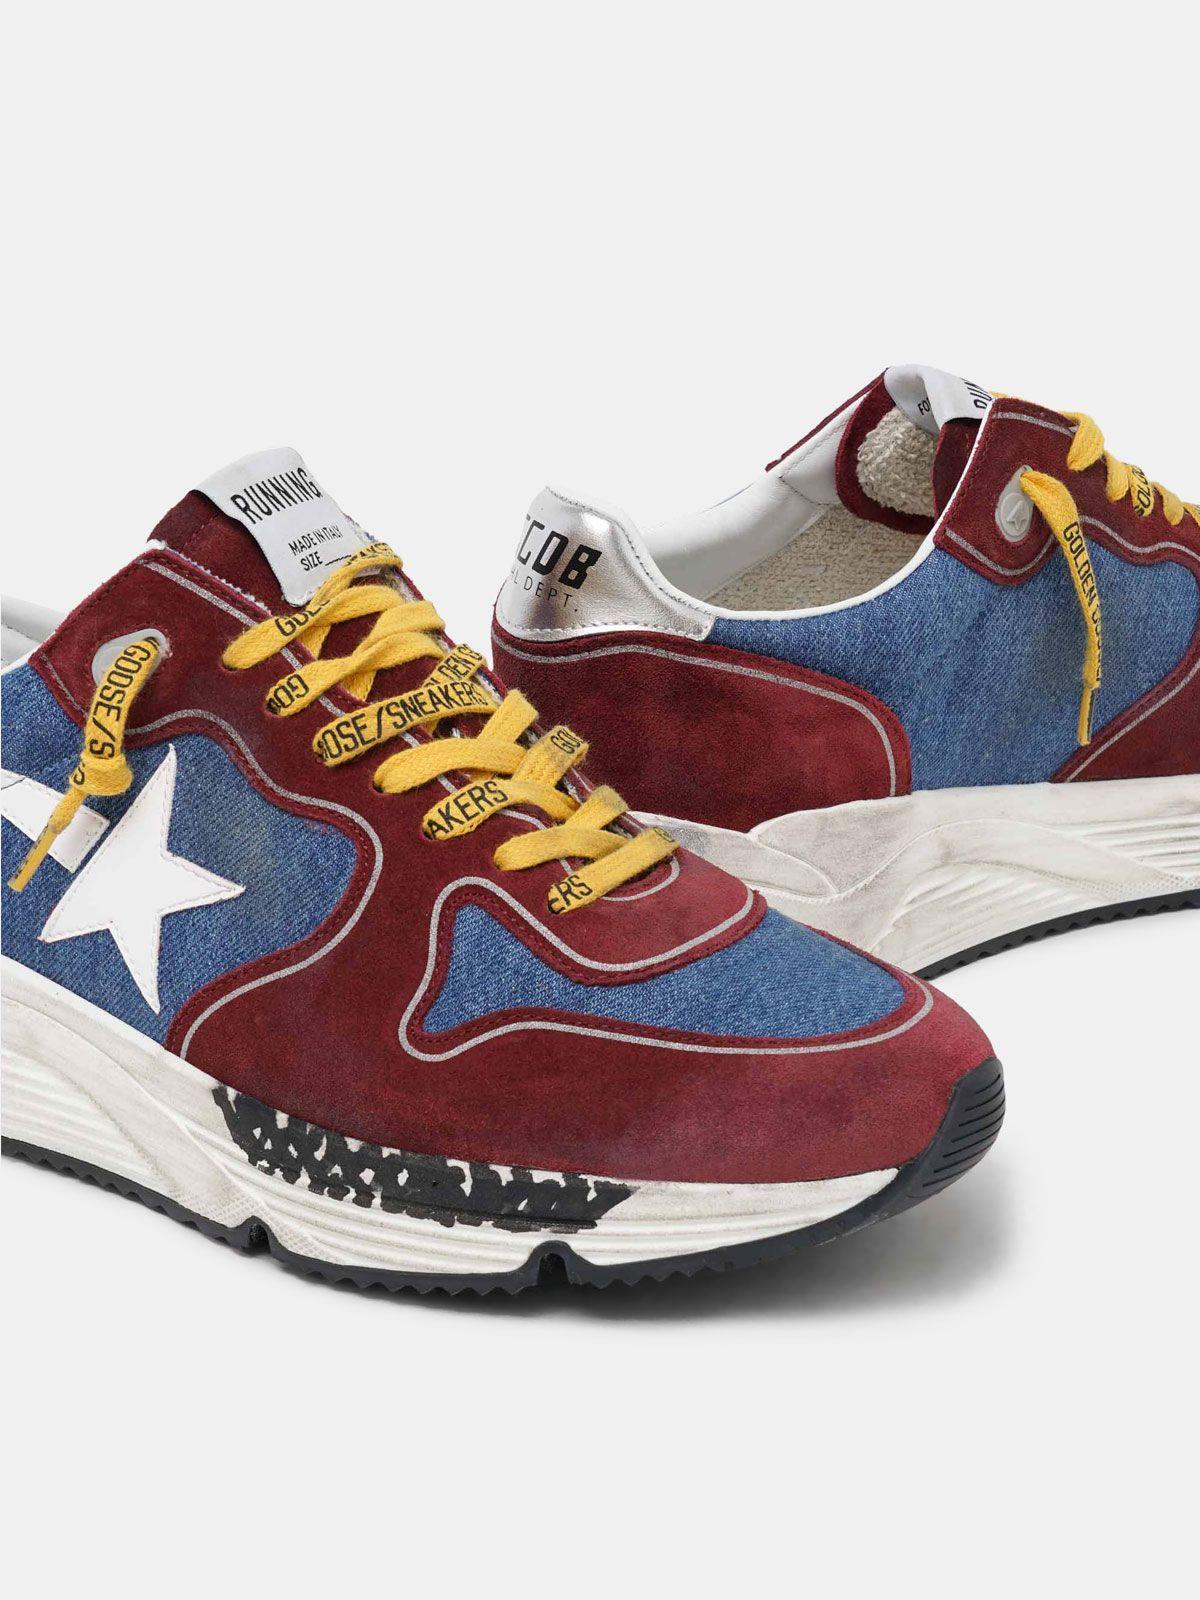 Golden Goose - Sneakers Running Sole bordeaux et bleu in